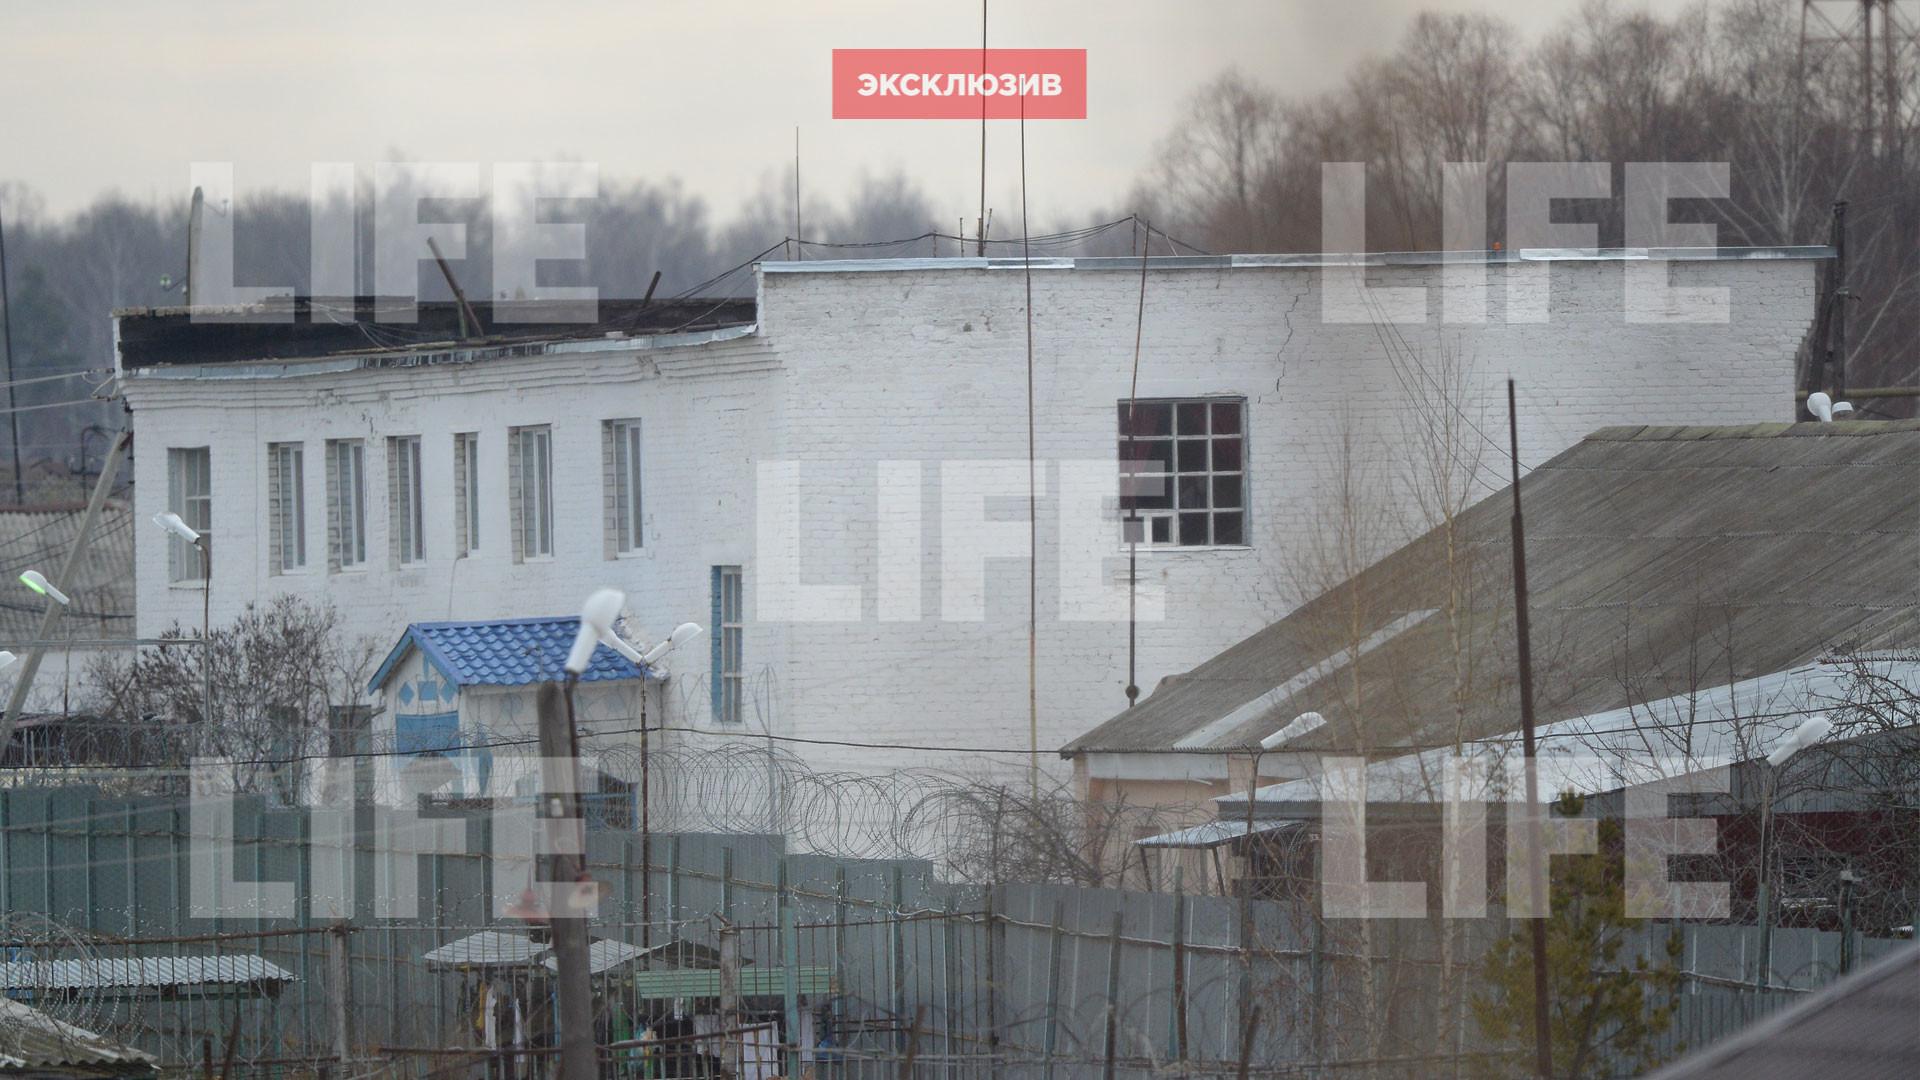 Барак, где живёт Дмитрий Захарченко. Фото © LIFE